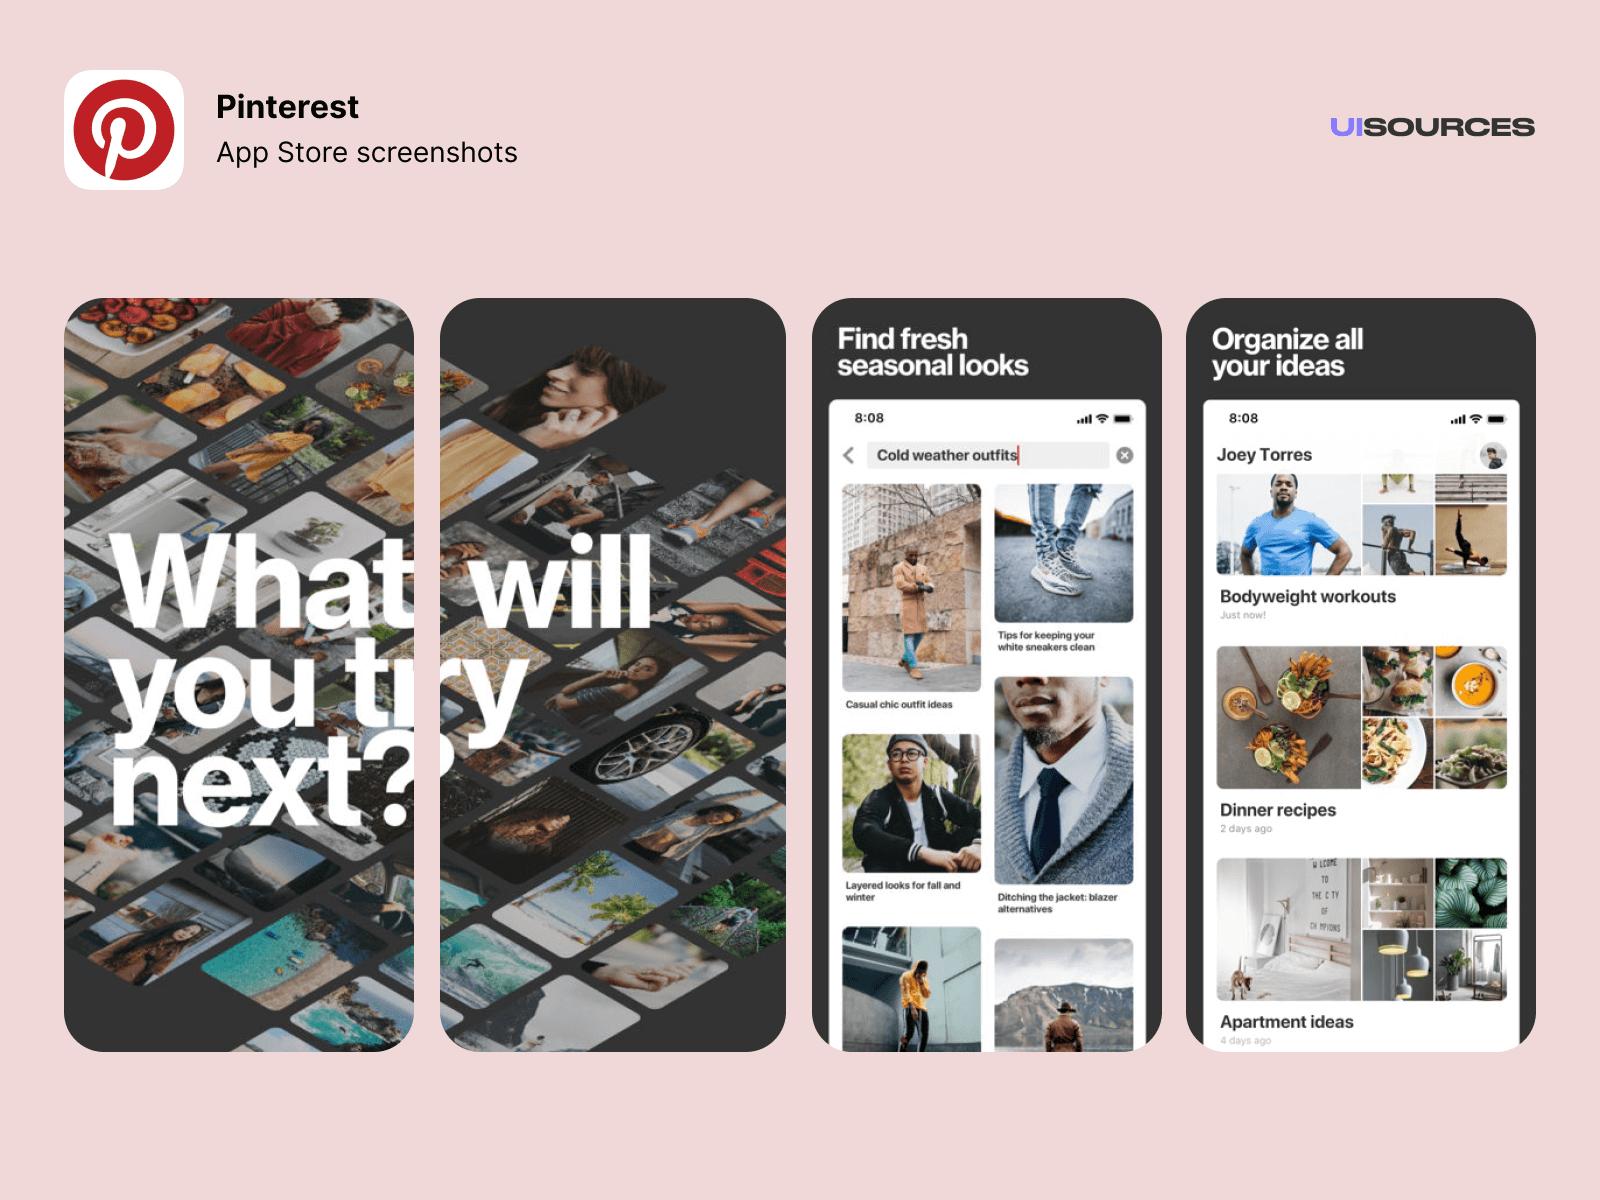 01 pinterest app store screenshots